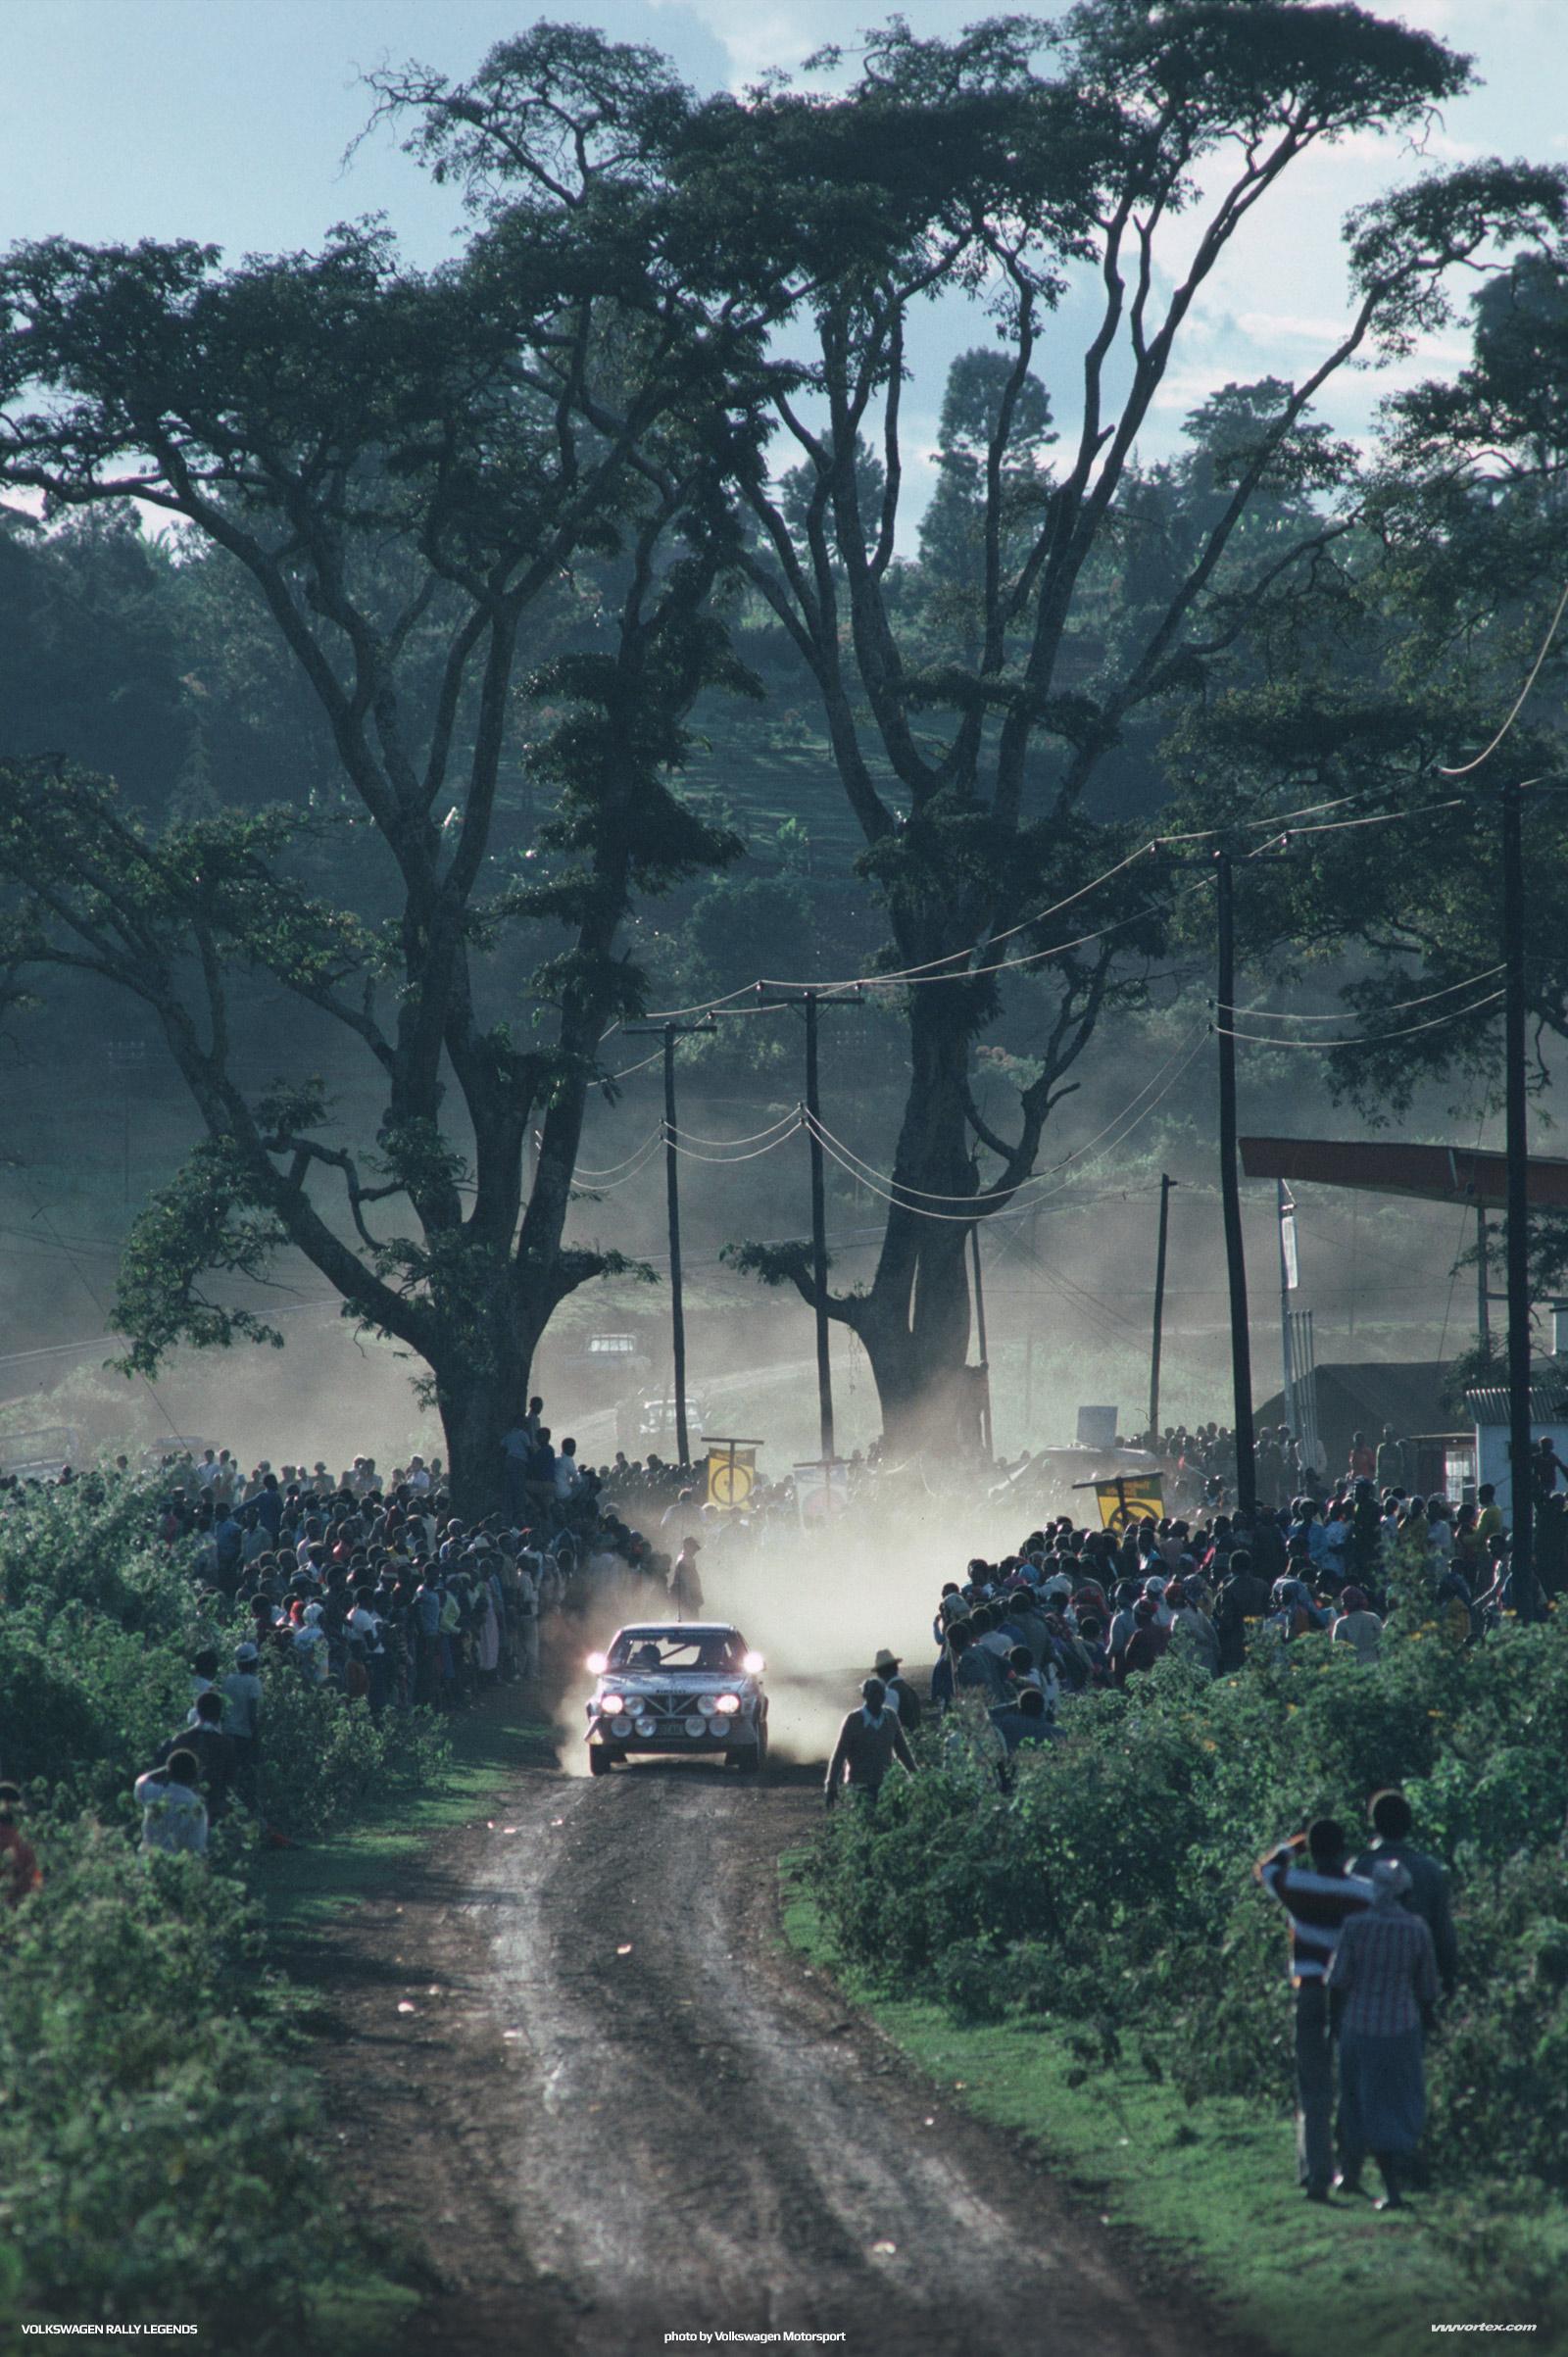 volkswagen-rally-legends-399